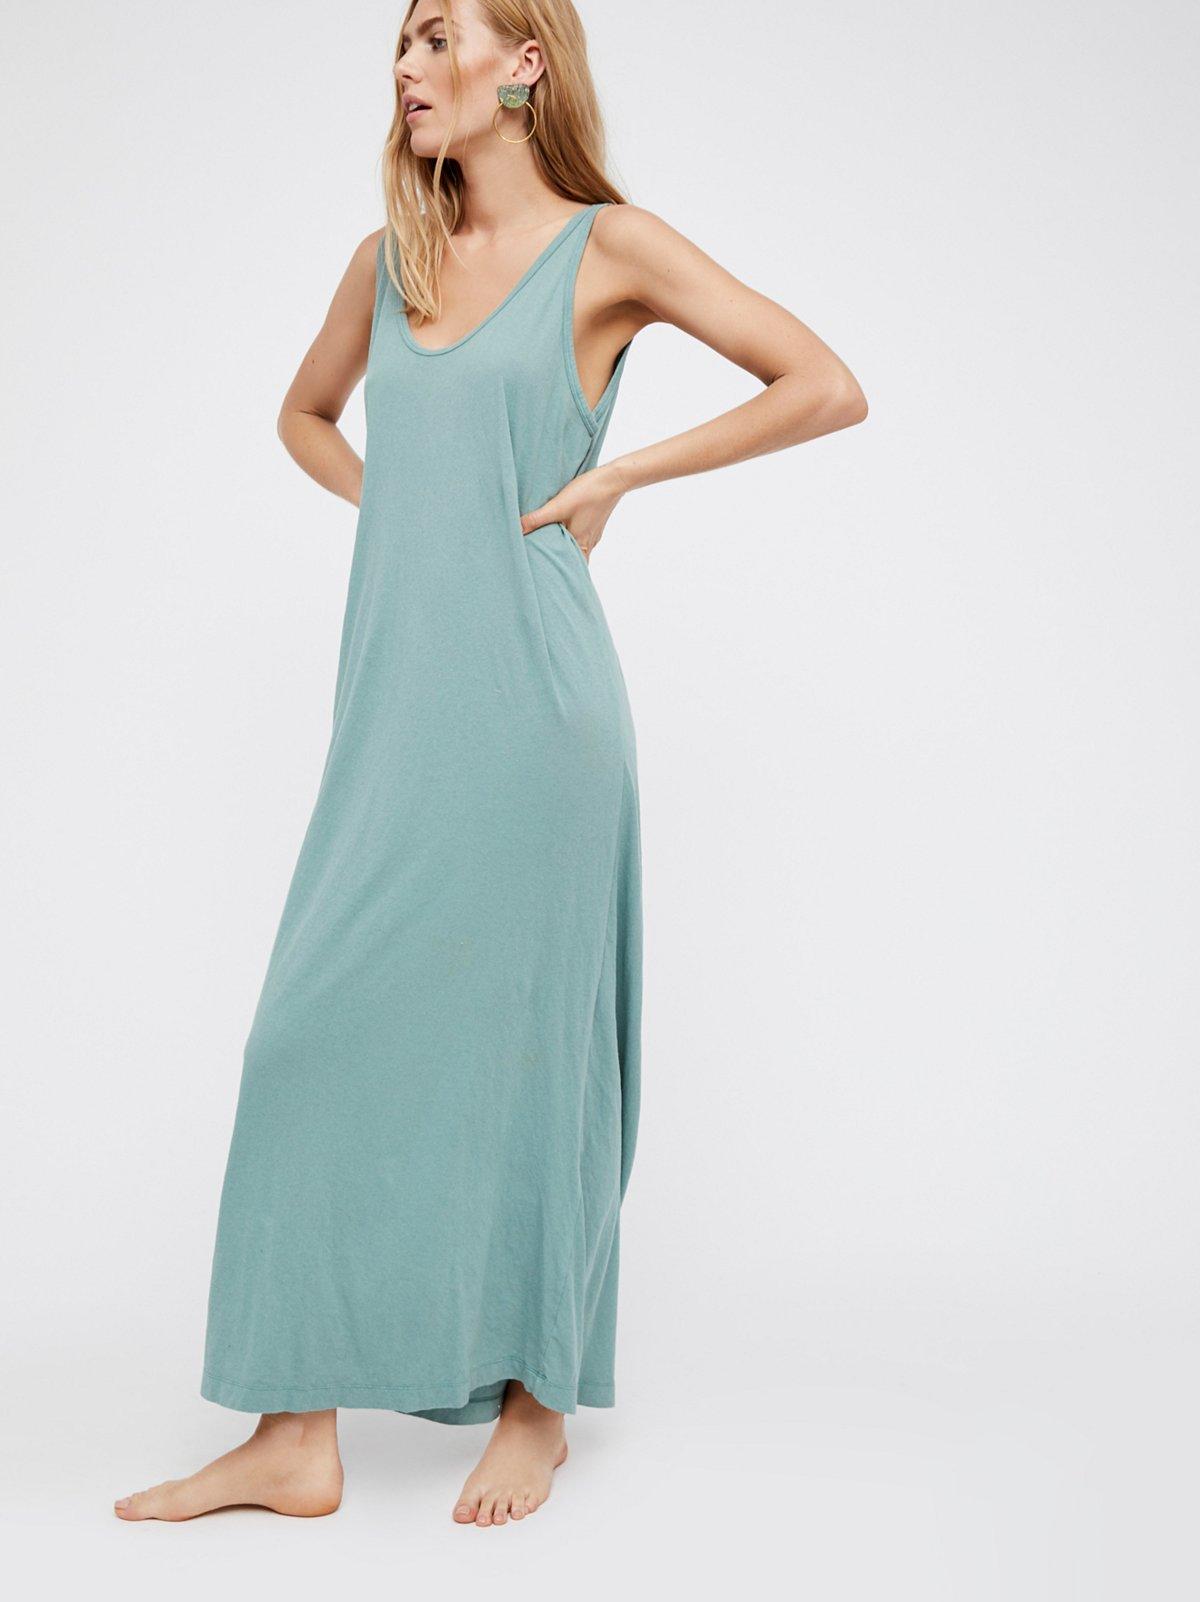 Getaway Maxi Dress